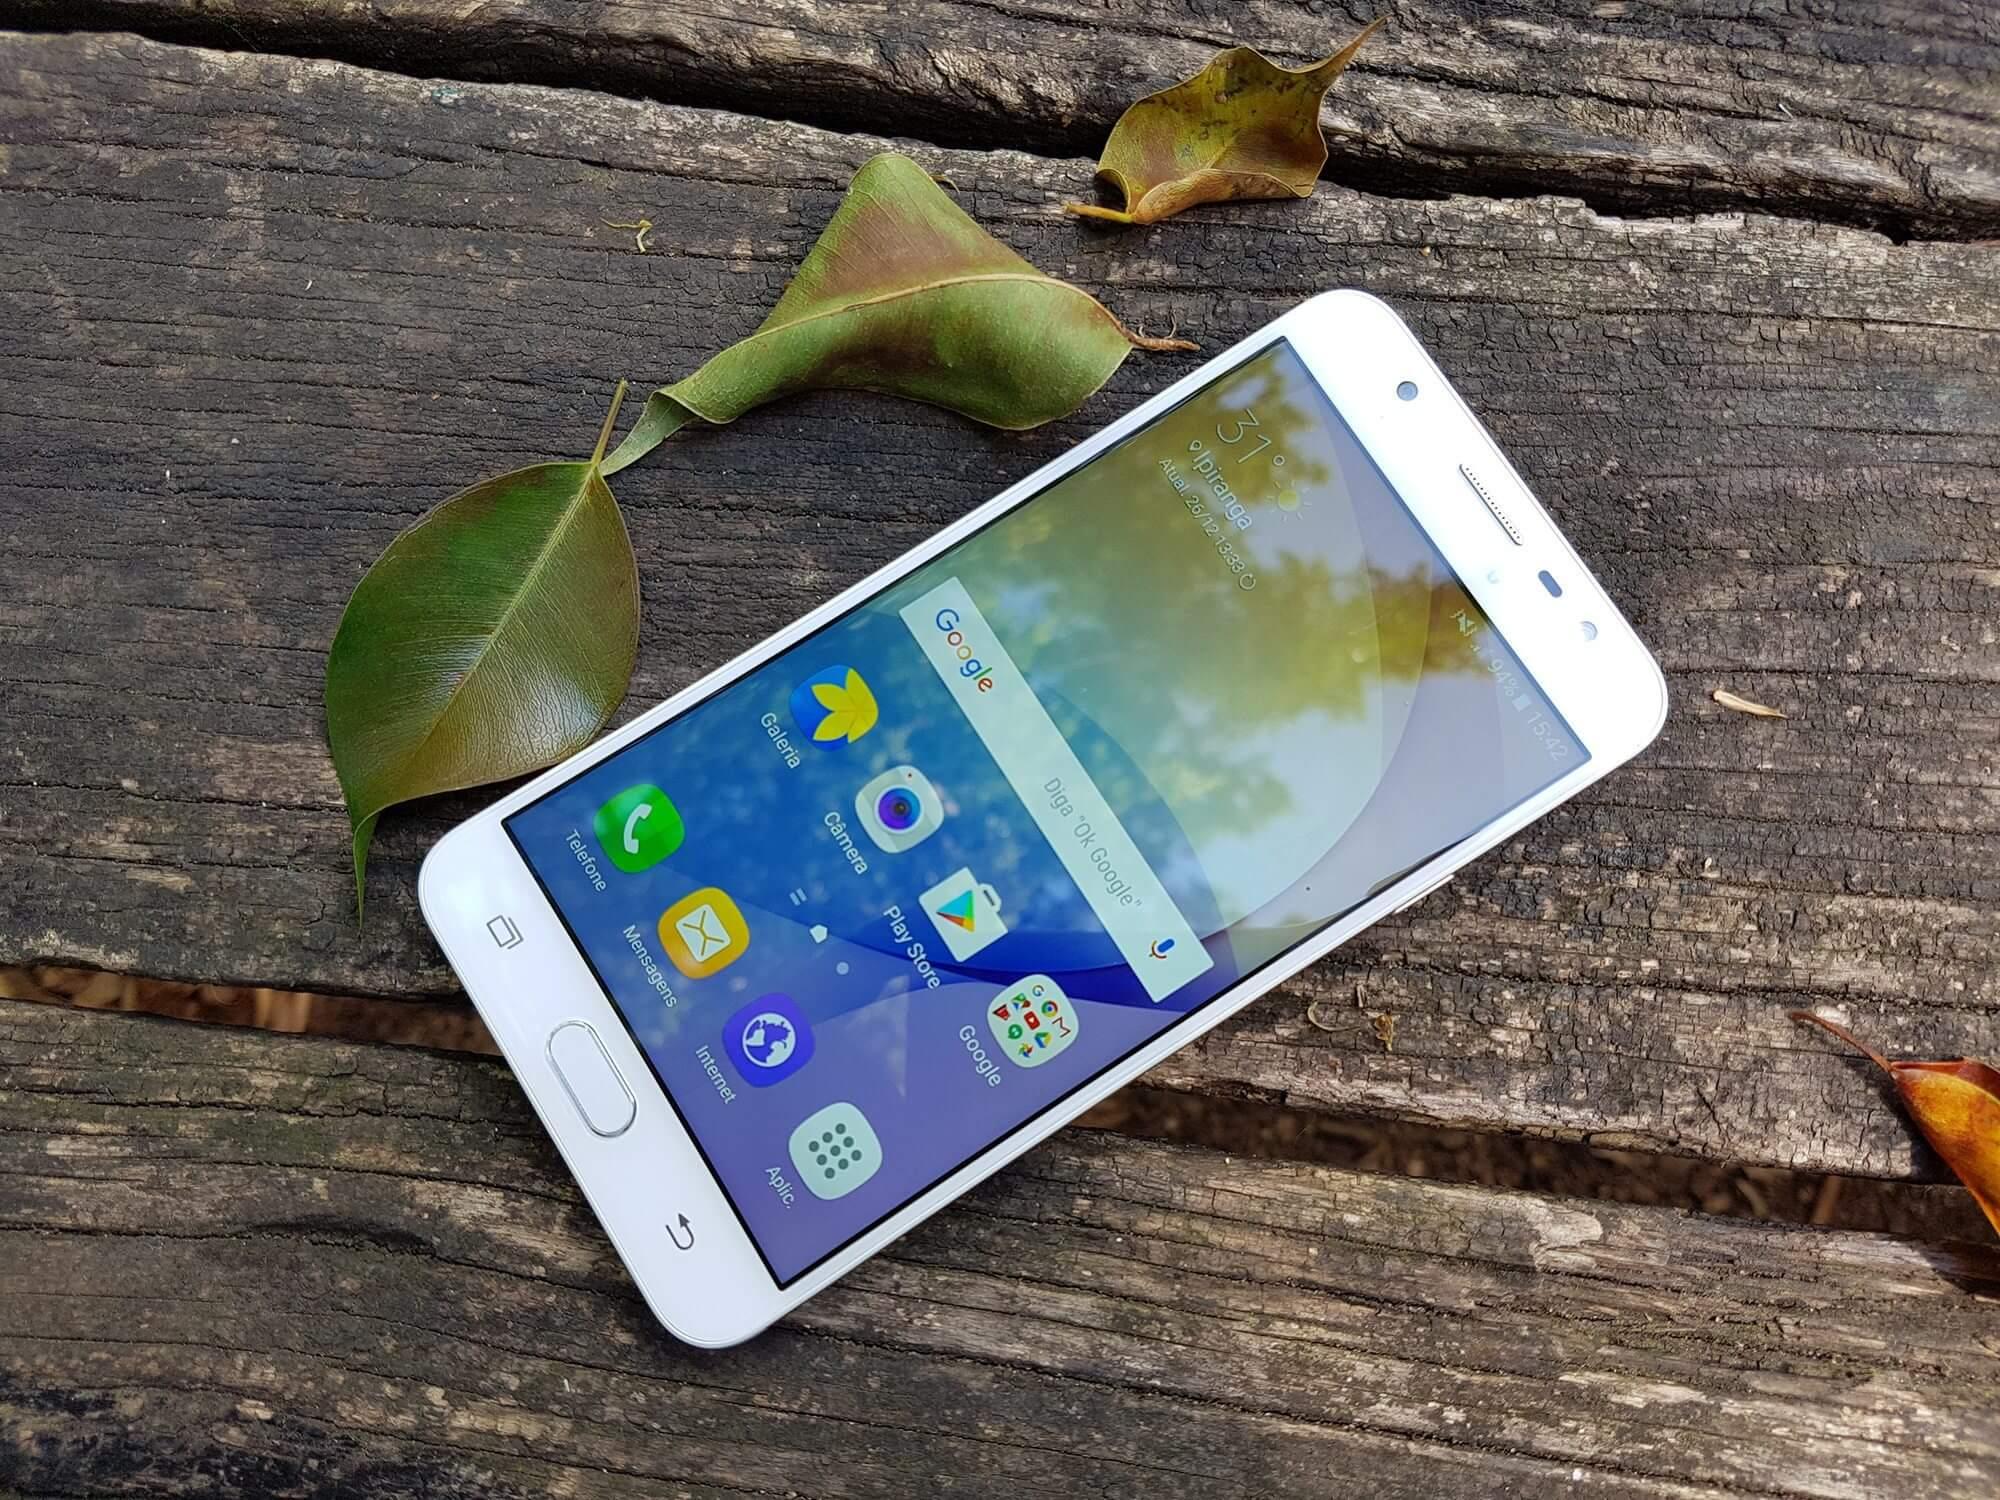 20161226 154213 - Review: Galaxy J7 Prime, um intermediário com cara premium